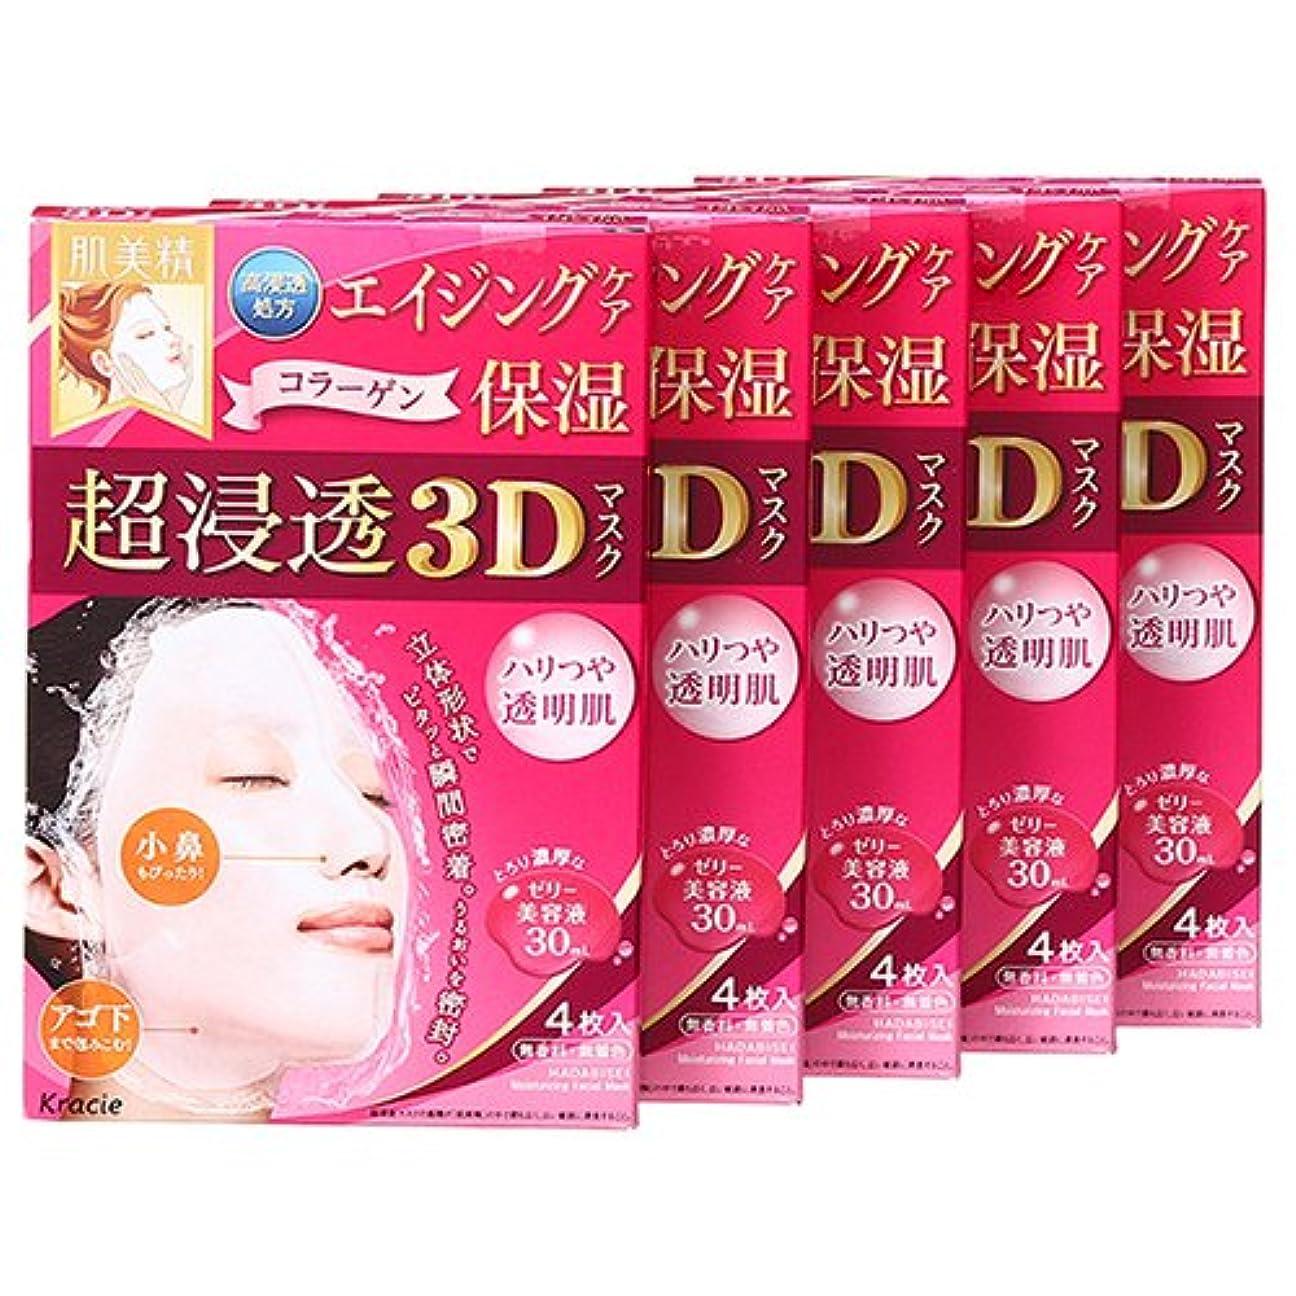 粉砕するより多いマインドクラシエホームプロダクツ 肌美精 超浸透3Dマスク エイジングケア(保湿) 4枚入 (美容液30mL/1枚) 5点セット [並行輸入品]